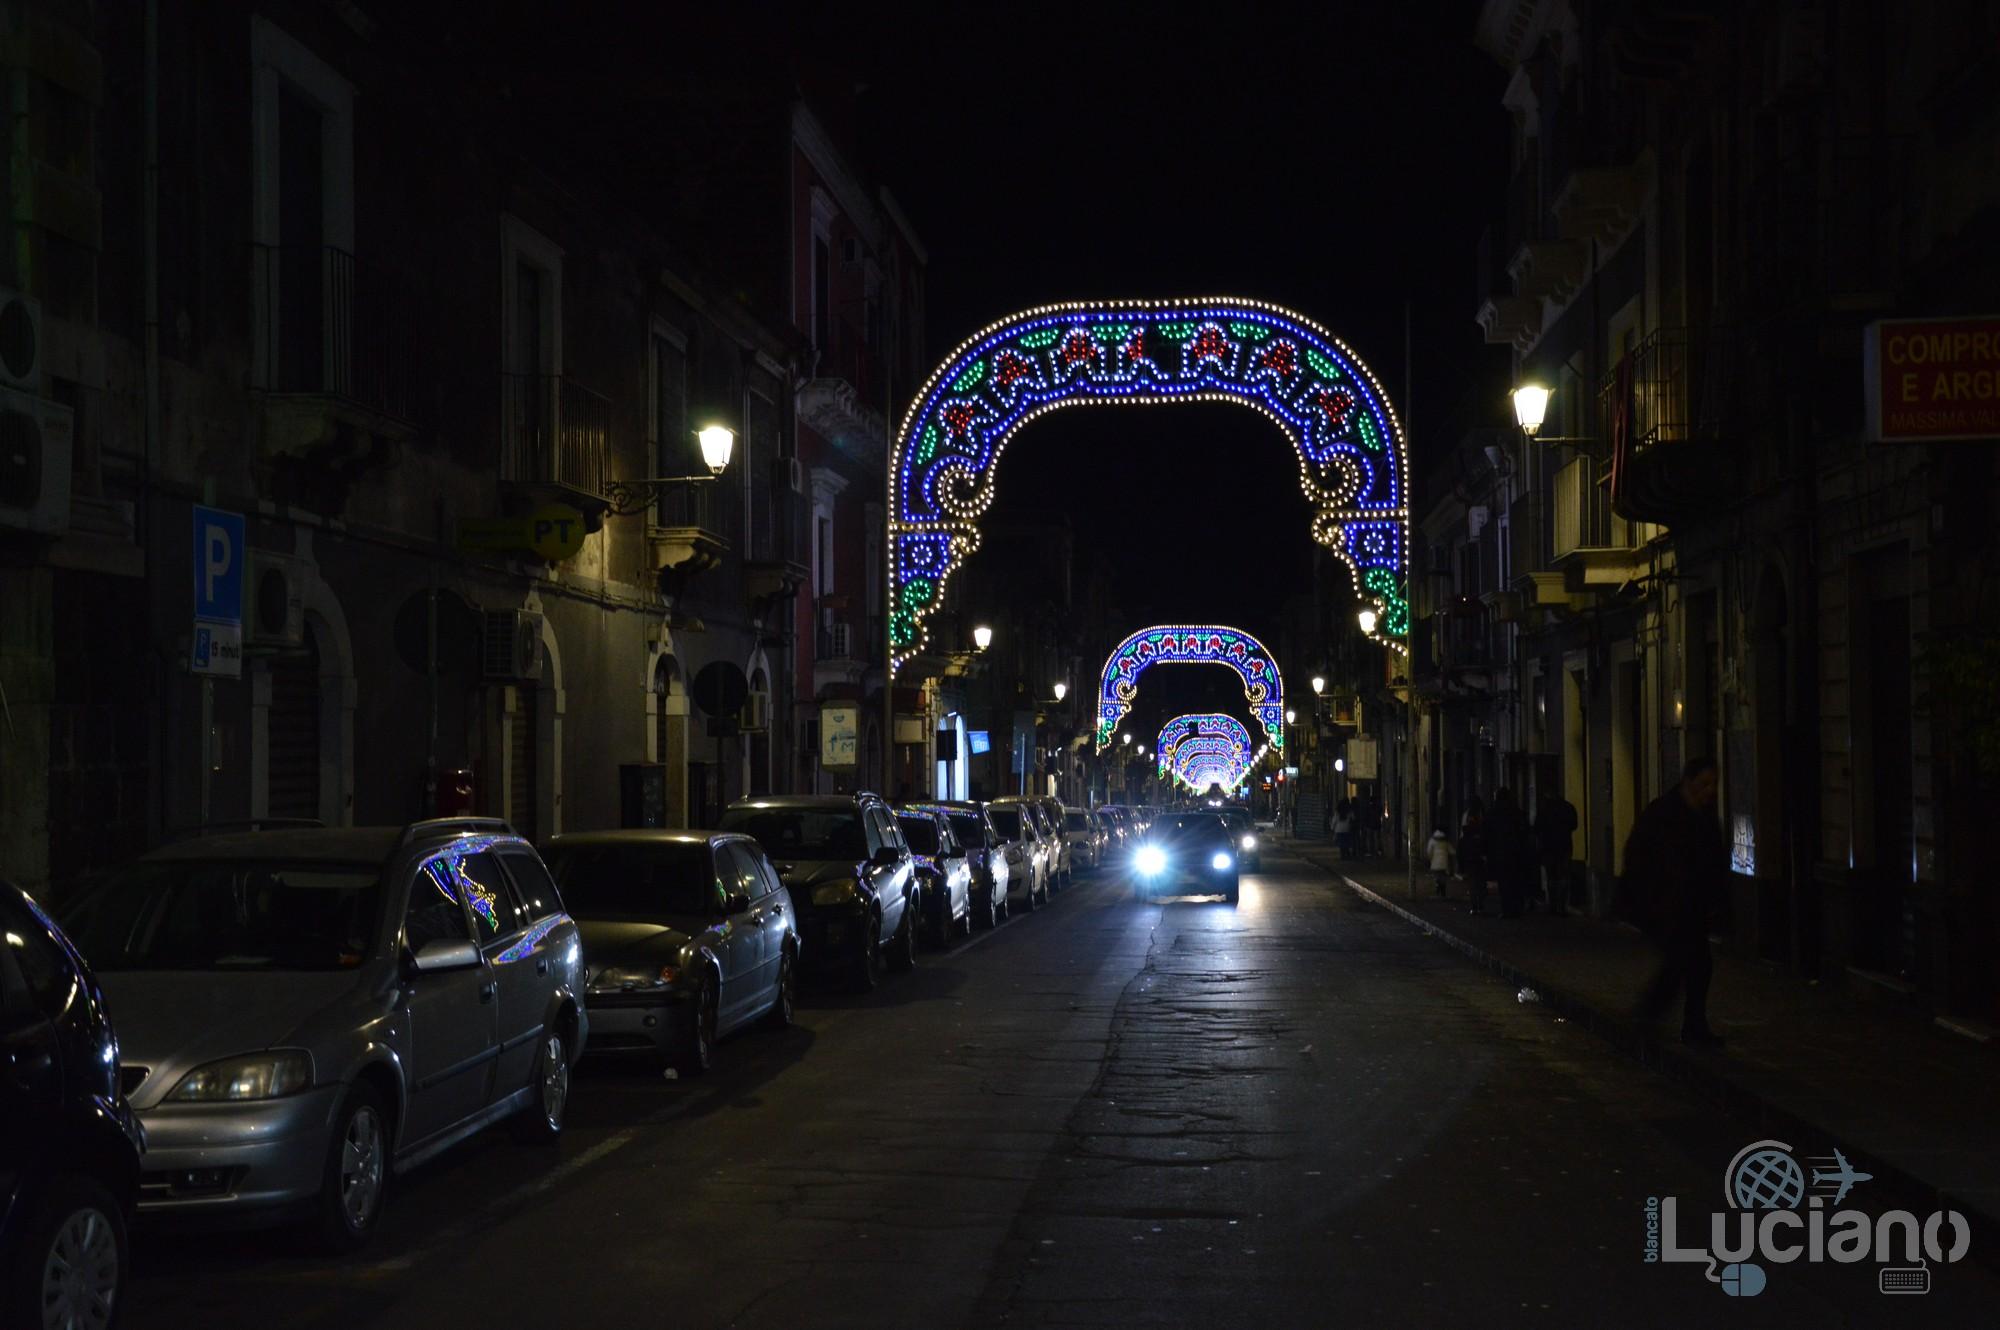 in giro per Catania, durante i festeggiamenti per Sant'Agata 2019 - Catania (CT)